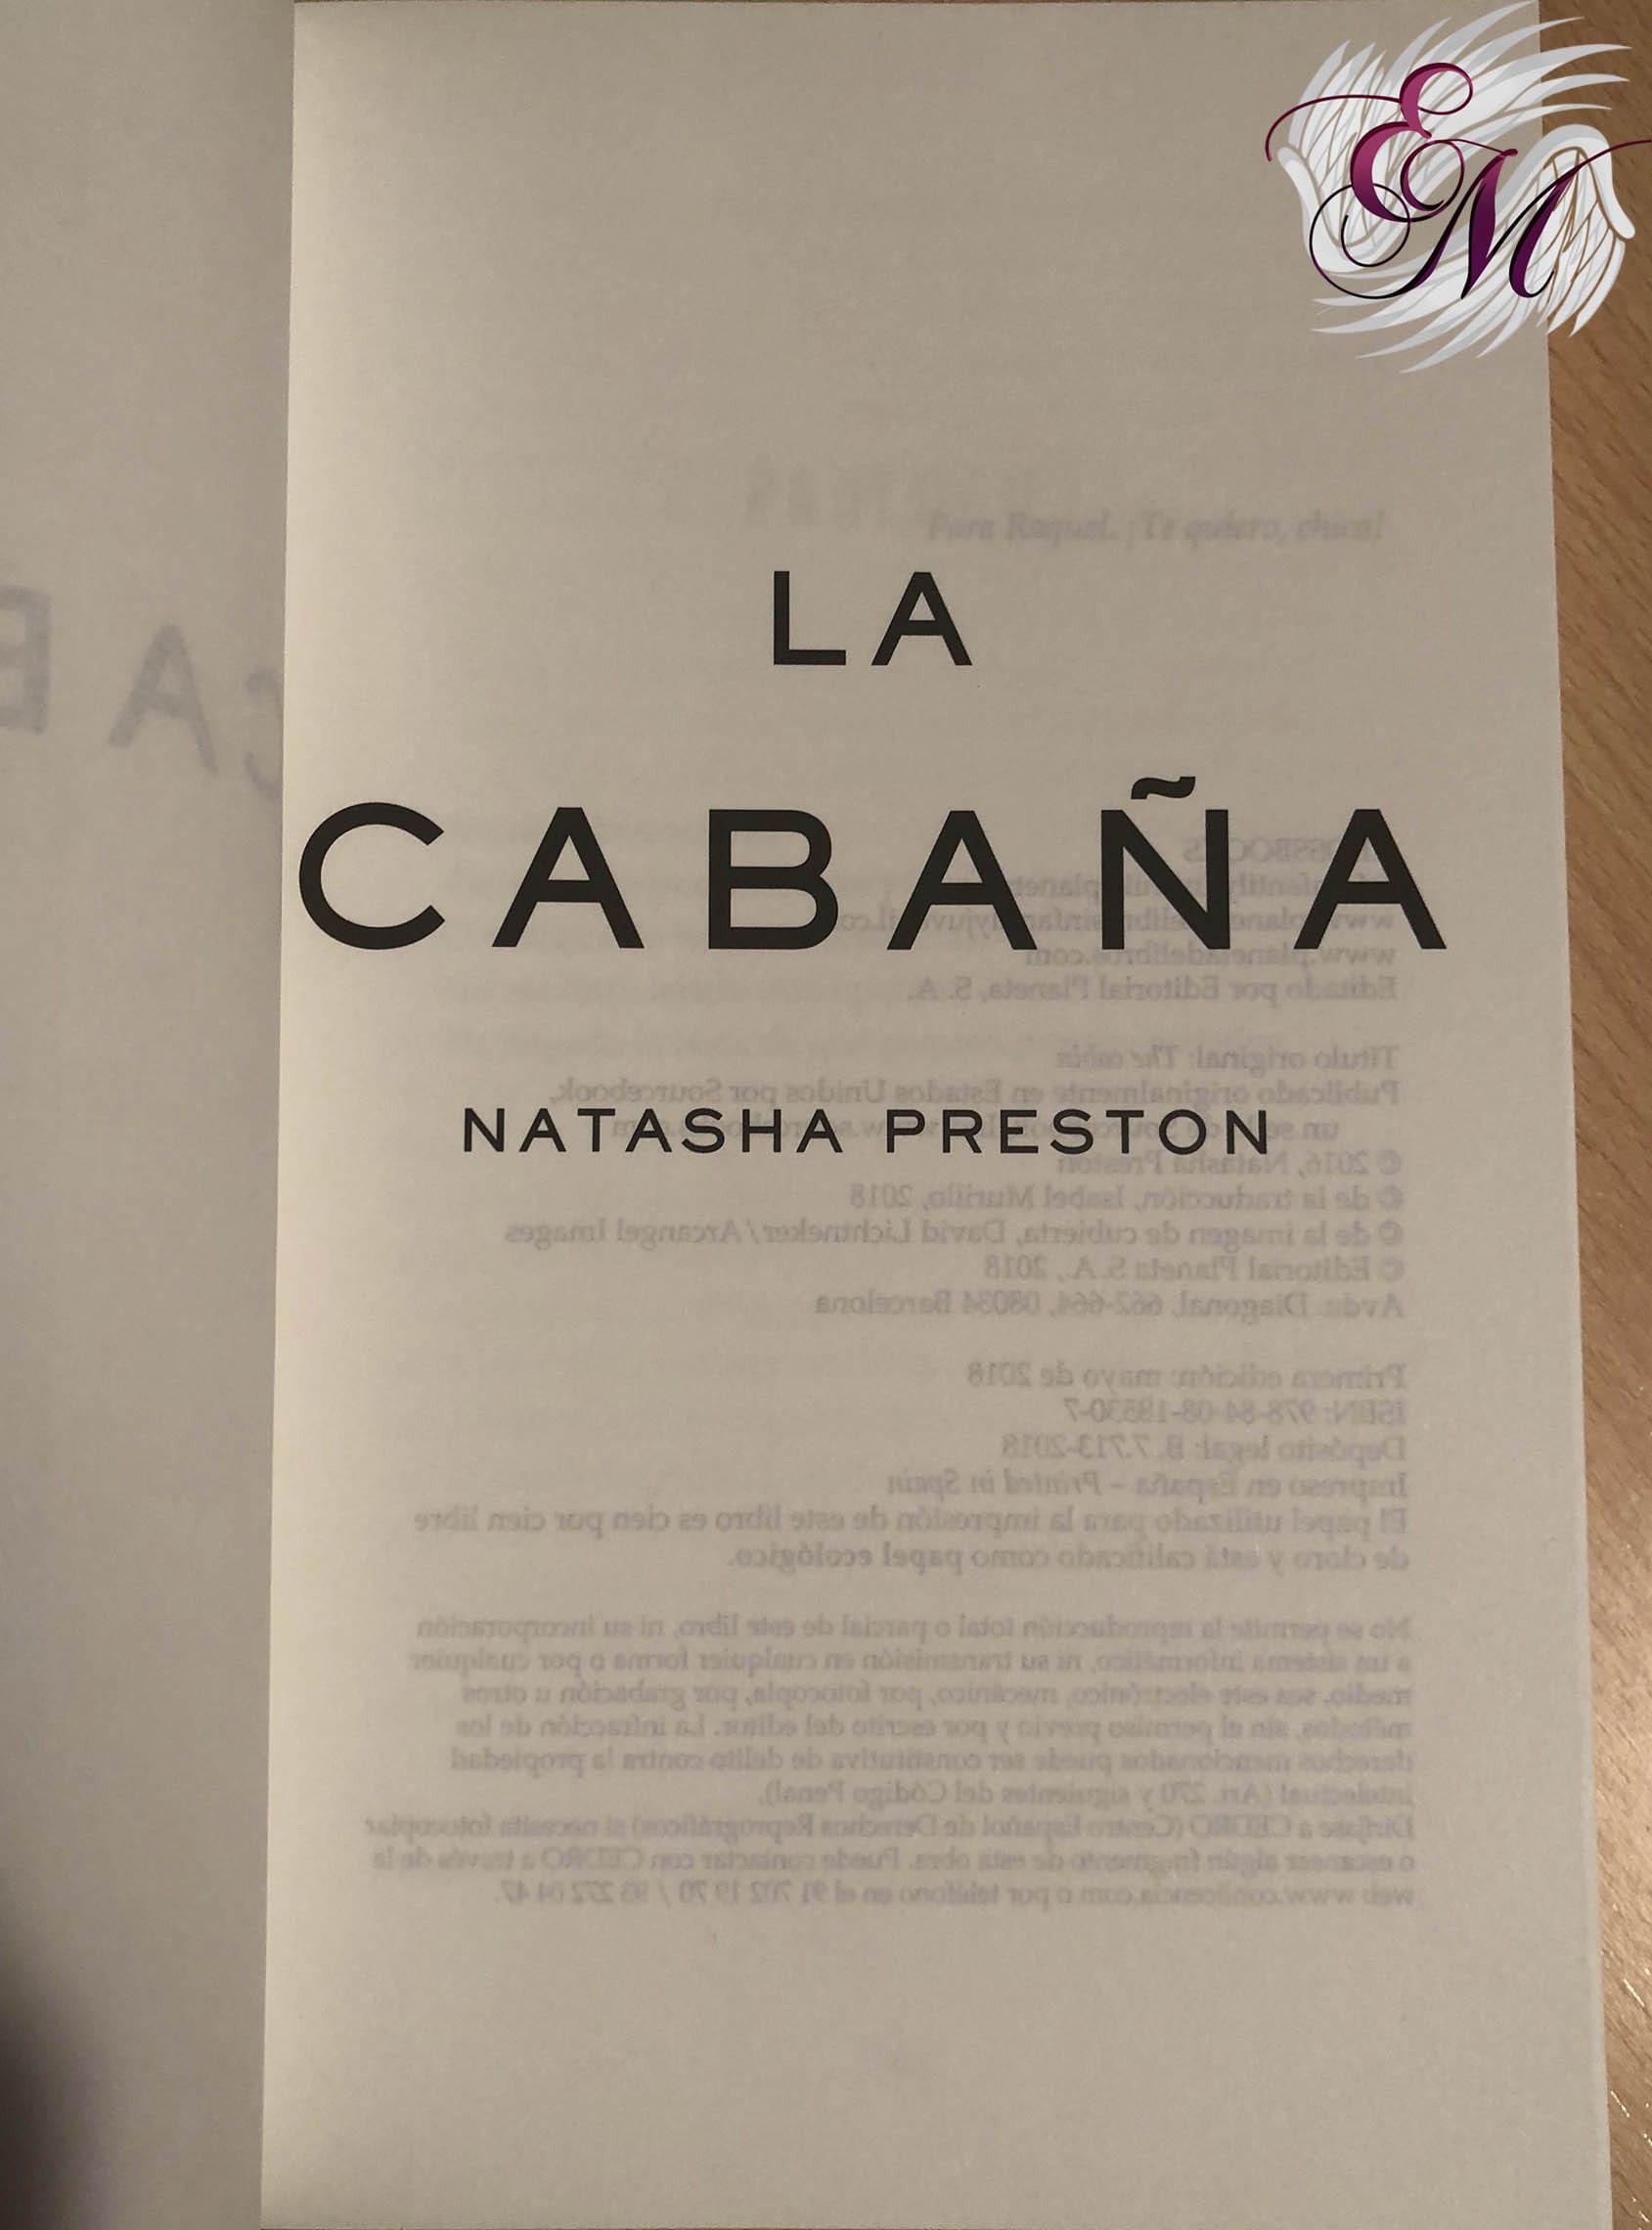 La cabaña, de Natasha Preston - Reseña